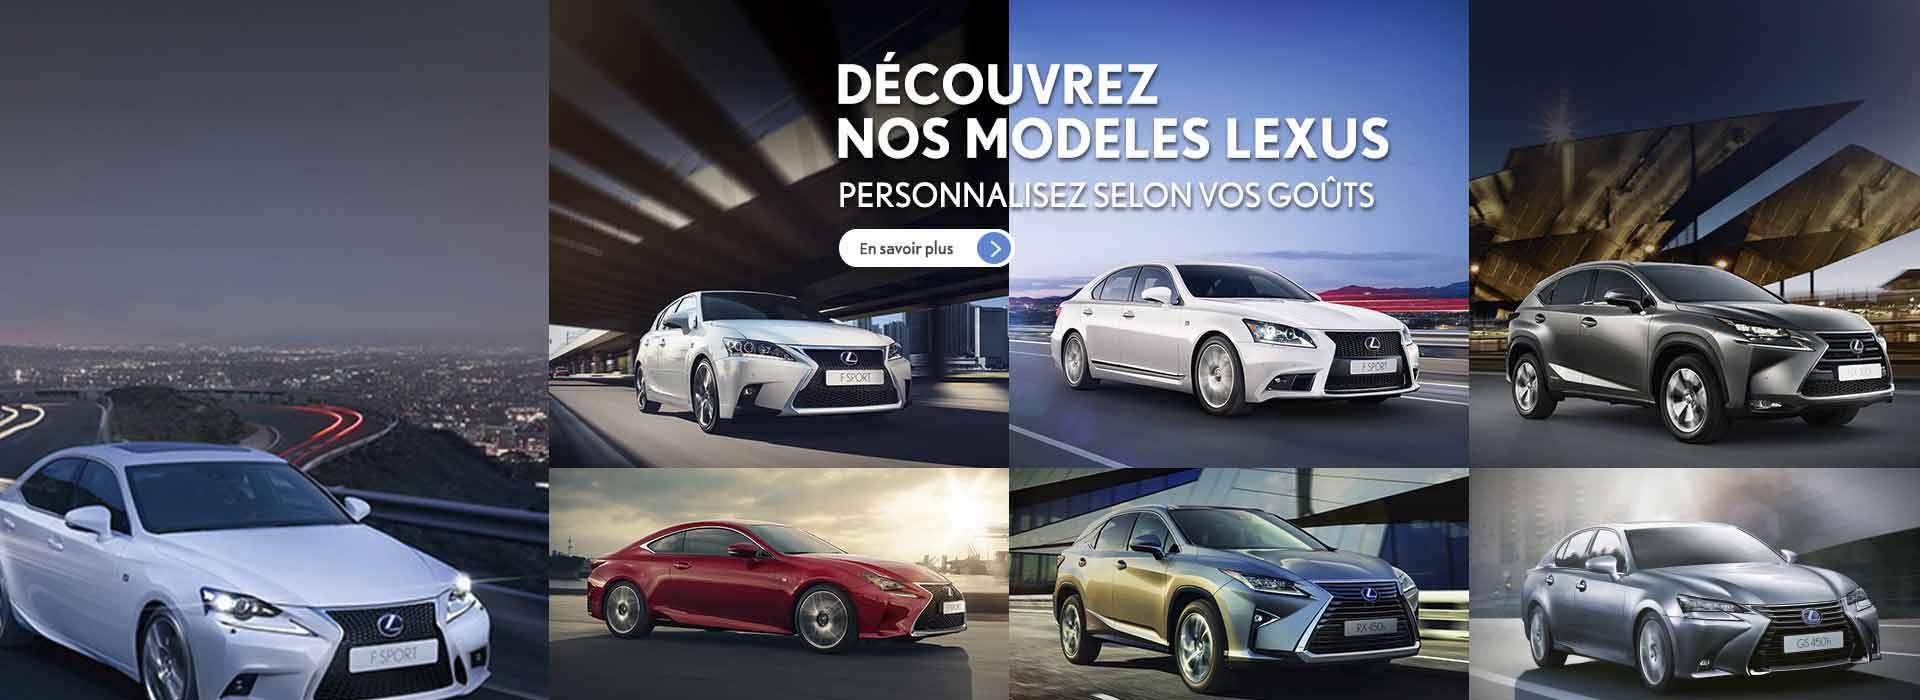 Nos modèles Lexus